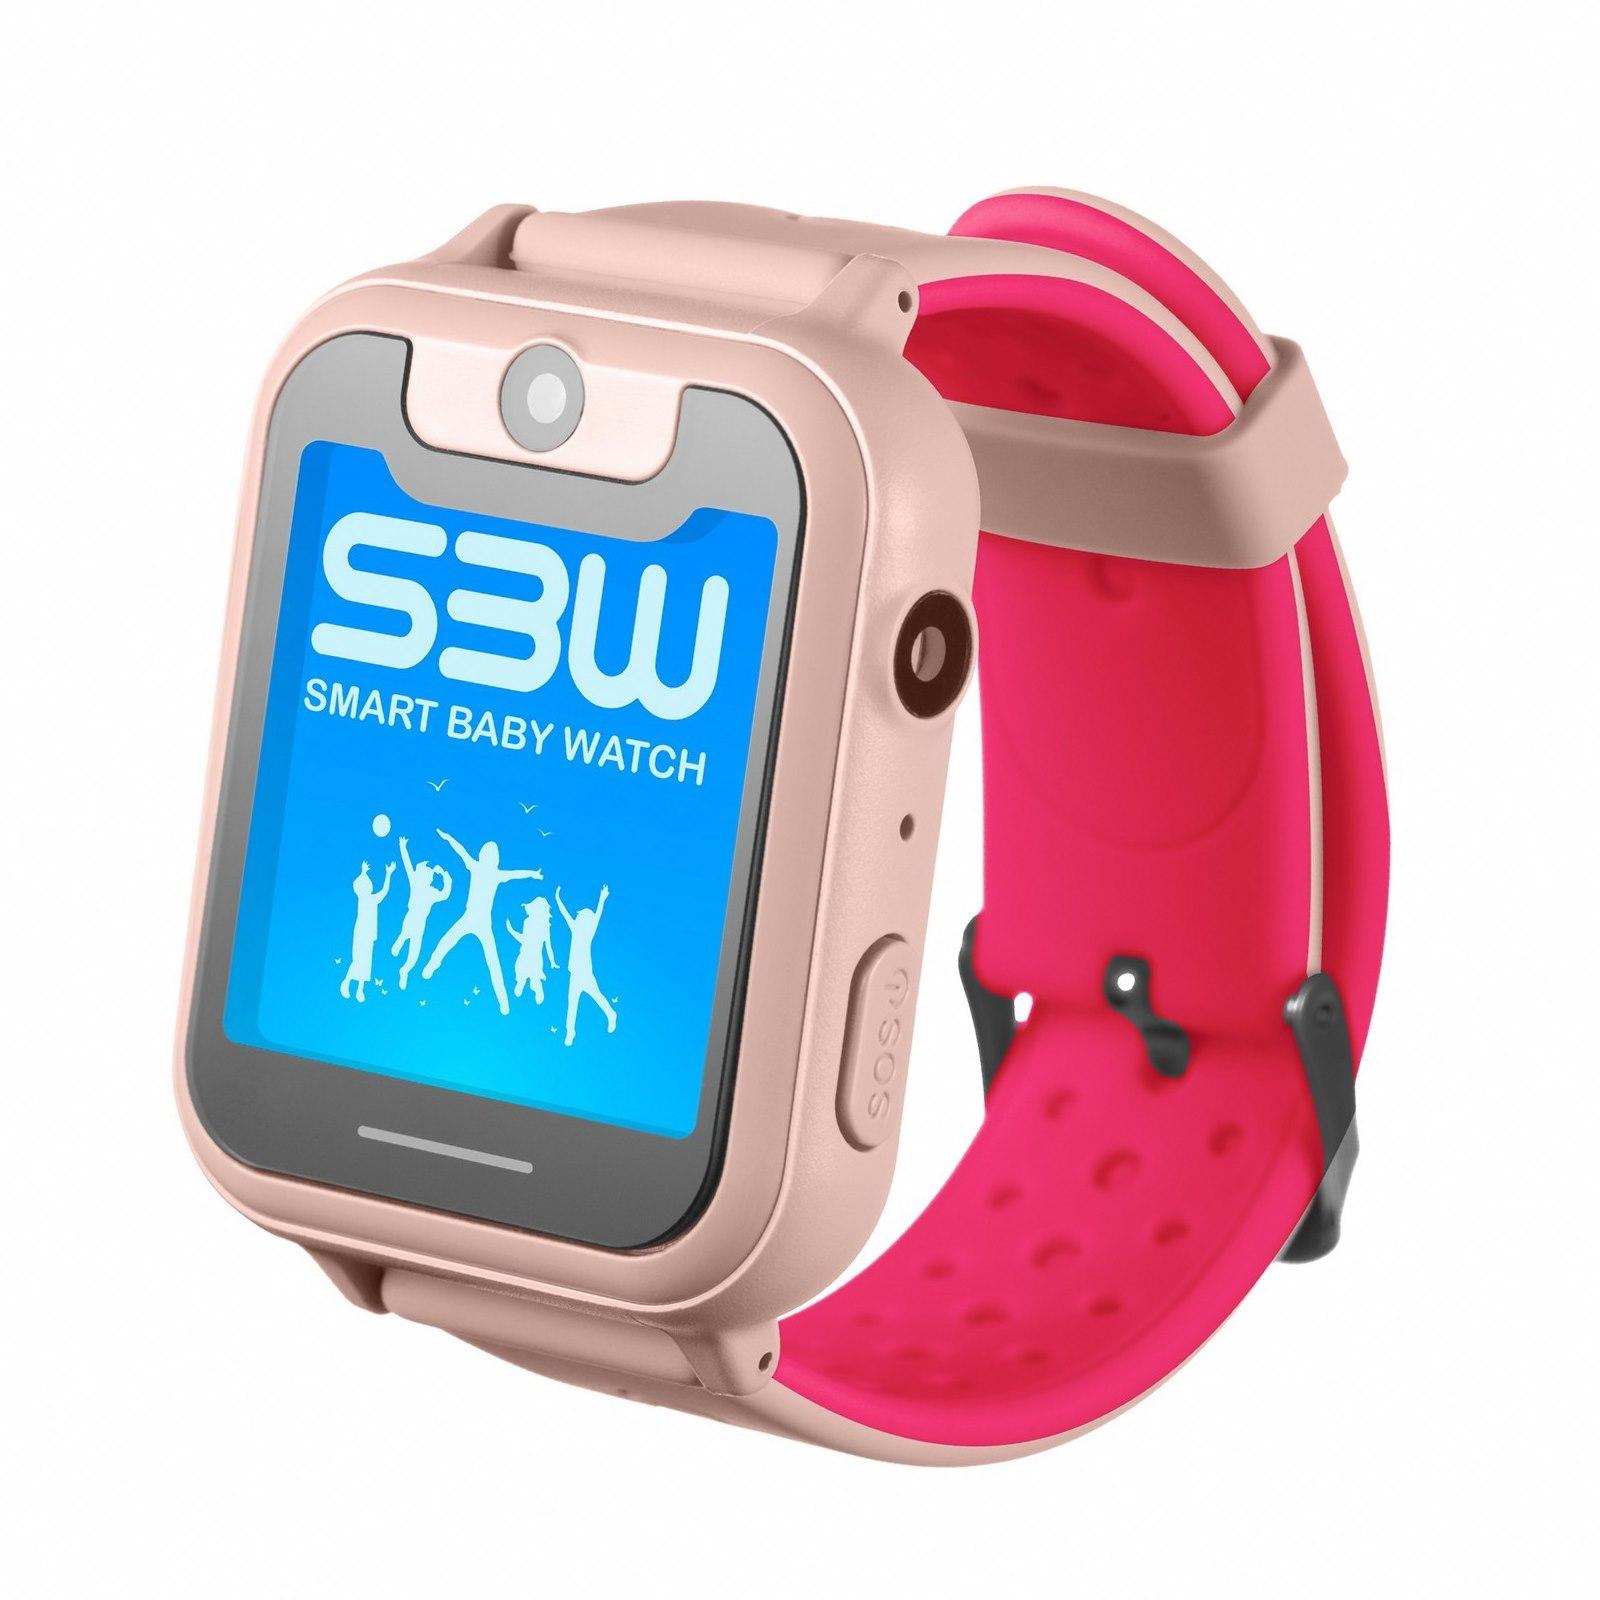 Как настроить часы-телефон для детей